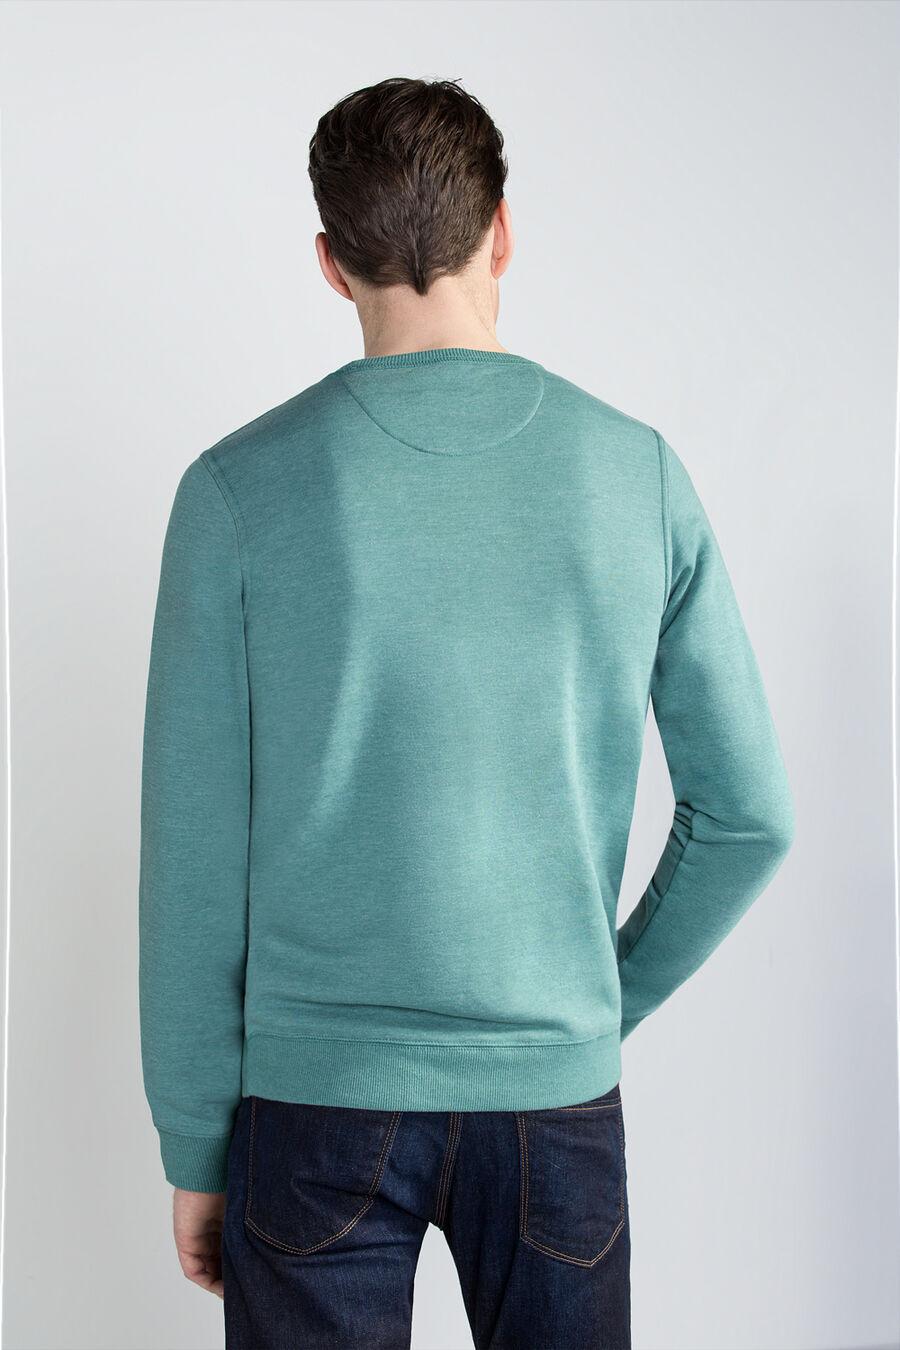 Sweatshirt with styling